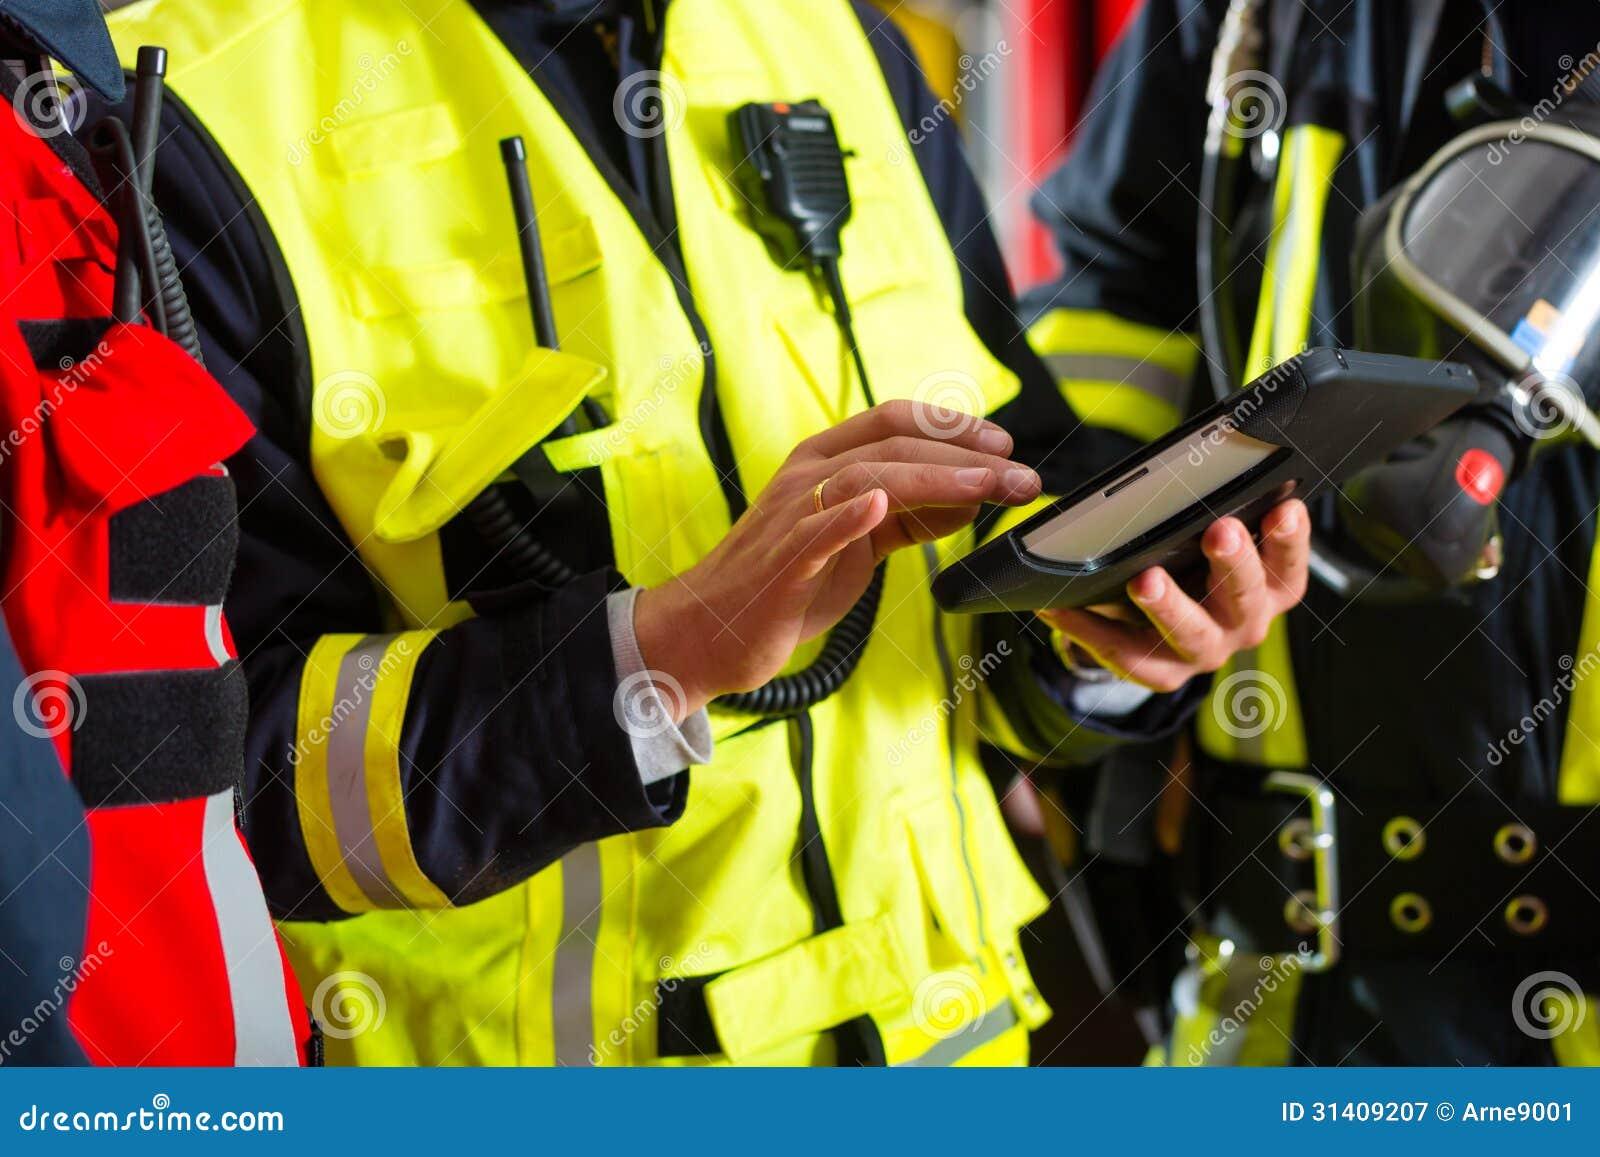 Plan de déploiement des sapeurs-pompiers sur la tablette